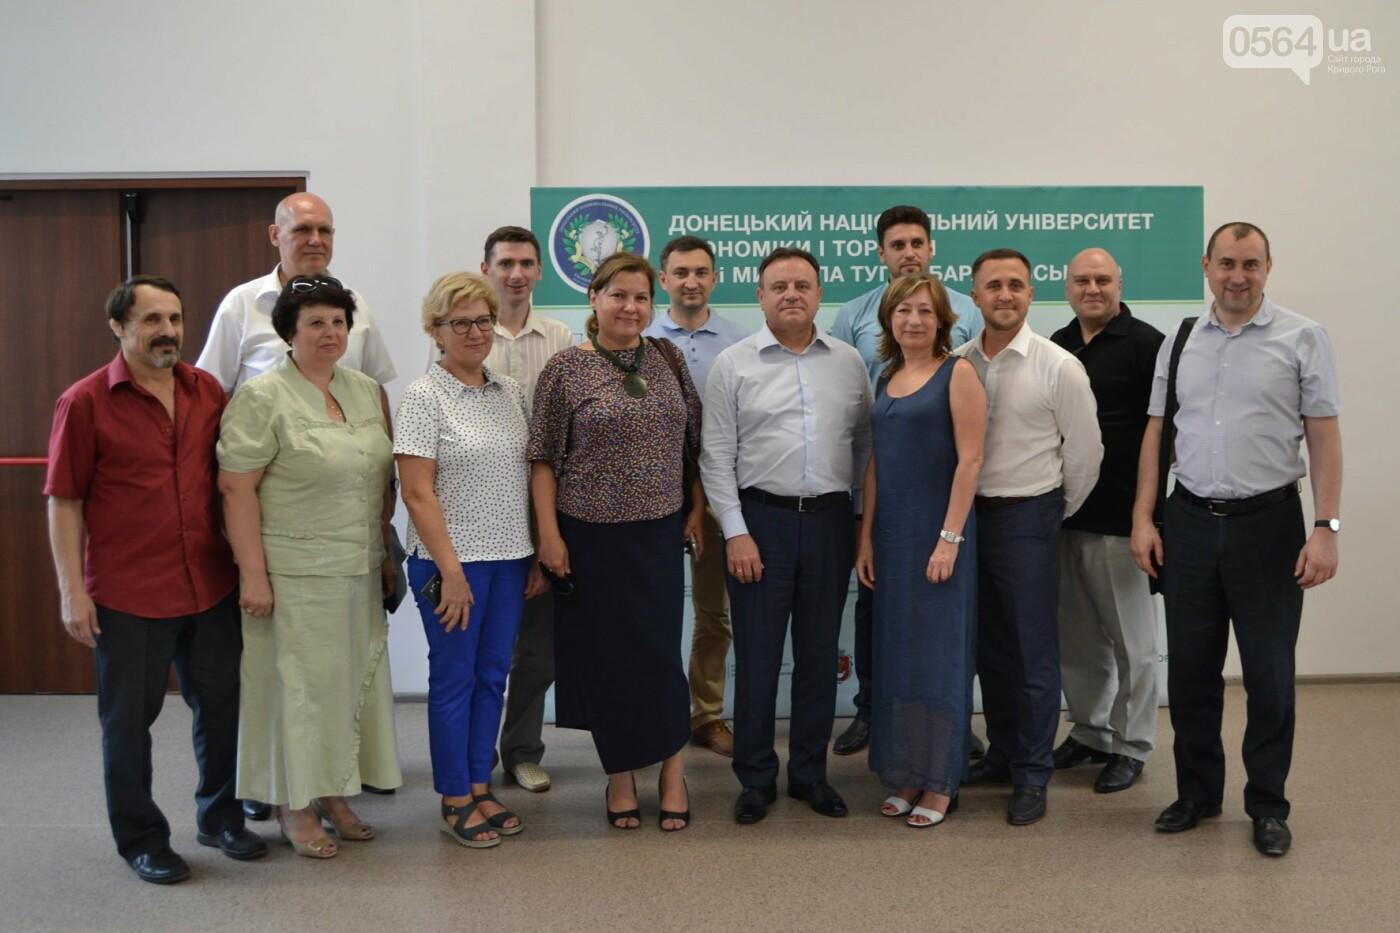 В Донецком юридическом институте состоялось выездное заседание Совета ректоров перемещенных высших учебных заведений Донбасса и Крыма, фото-5